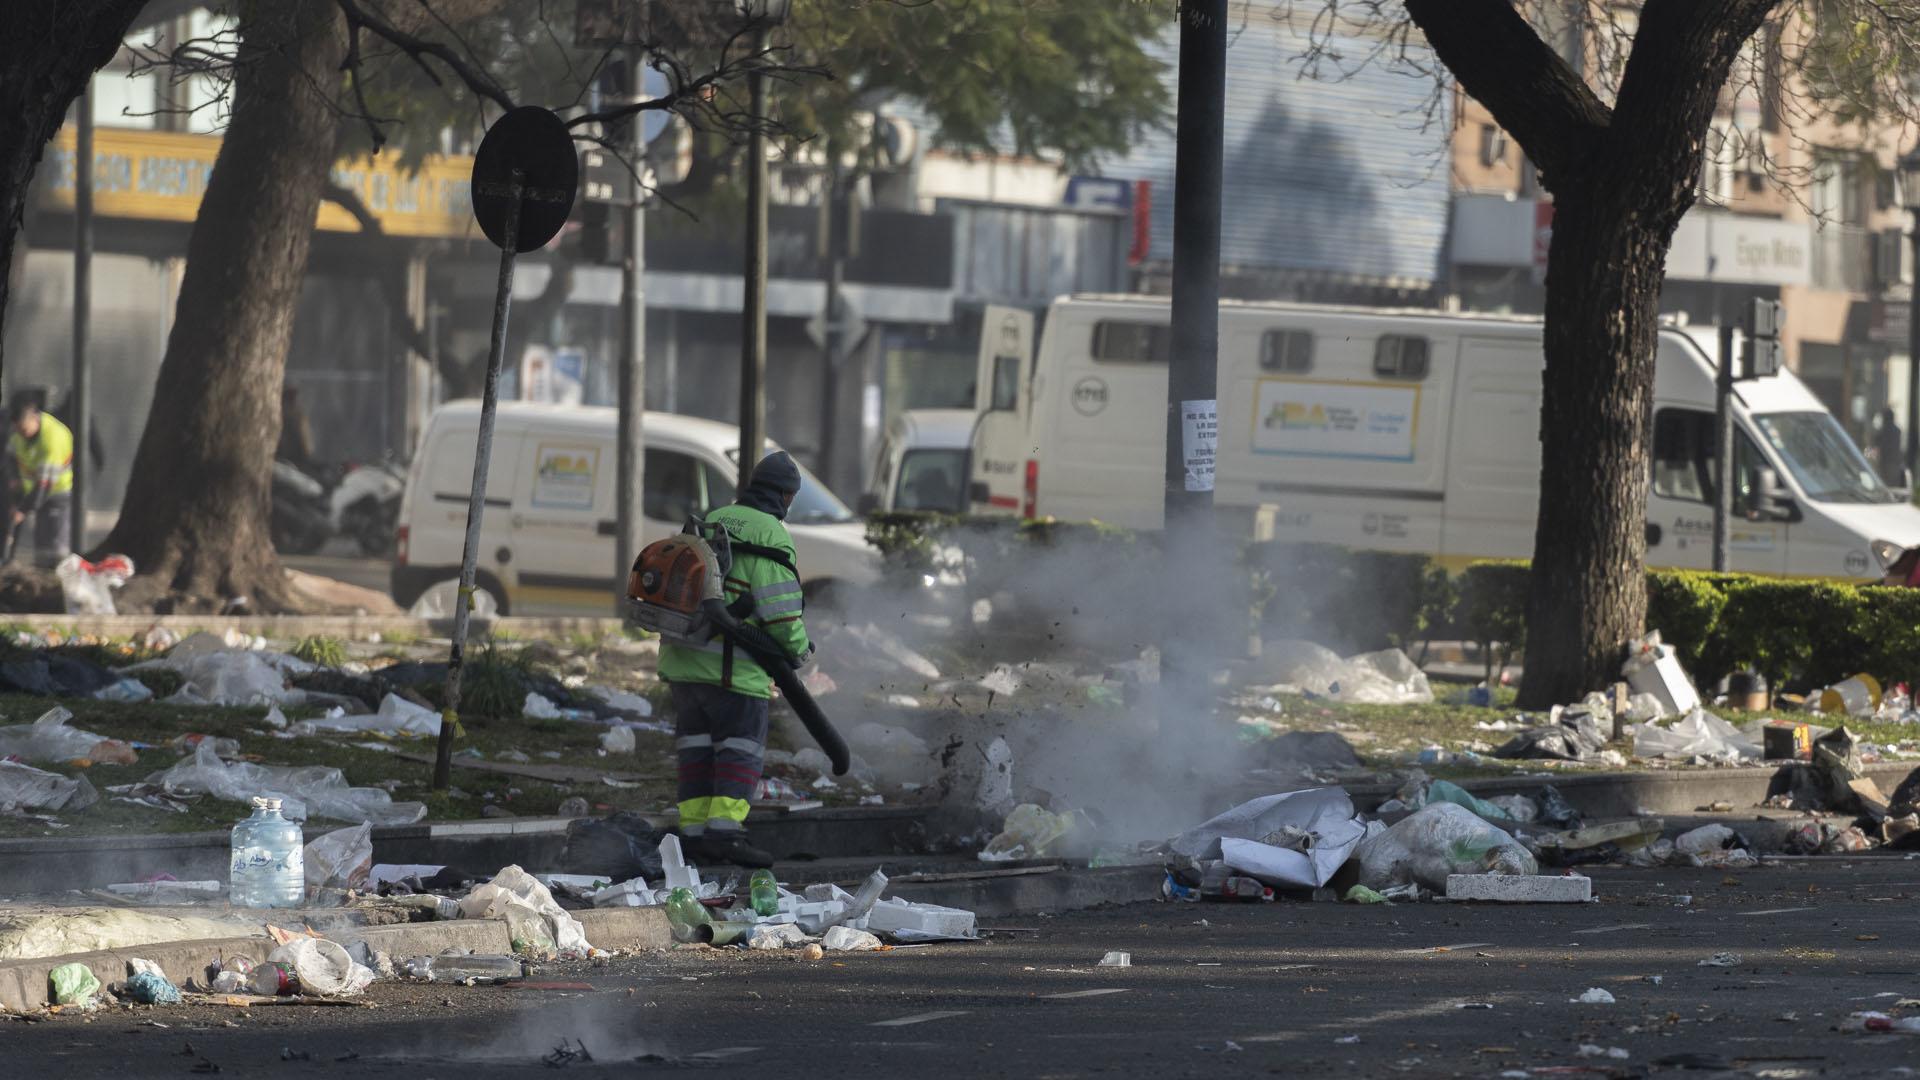 Una gran cantidad de basura quedó esparcida por la zona